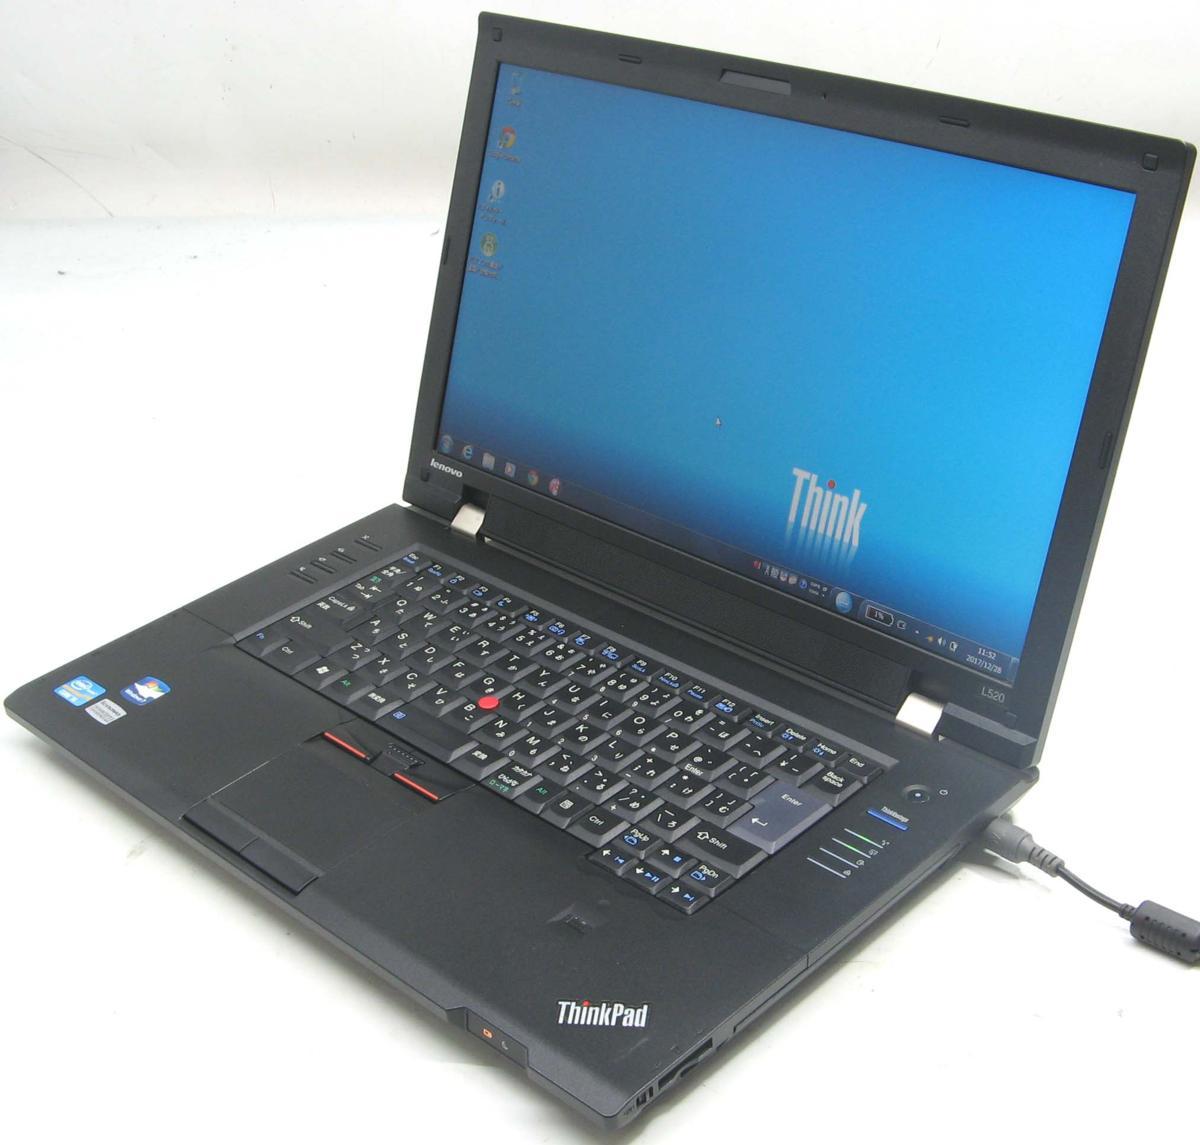 Lenovo ThinkPad L520 5015-A73(レノボ IBM Windows7 Corei5 グラボ ビデオカード DVDスーパーマルチドライブ)【中古】【中古パソコン/中古PC】